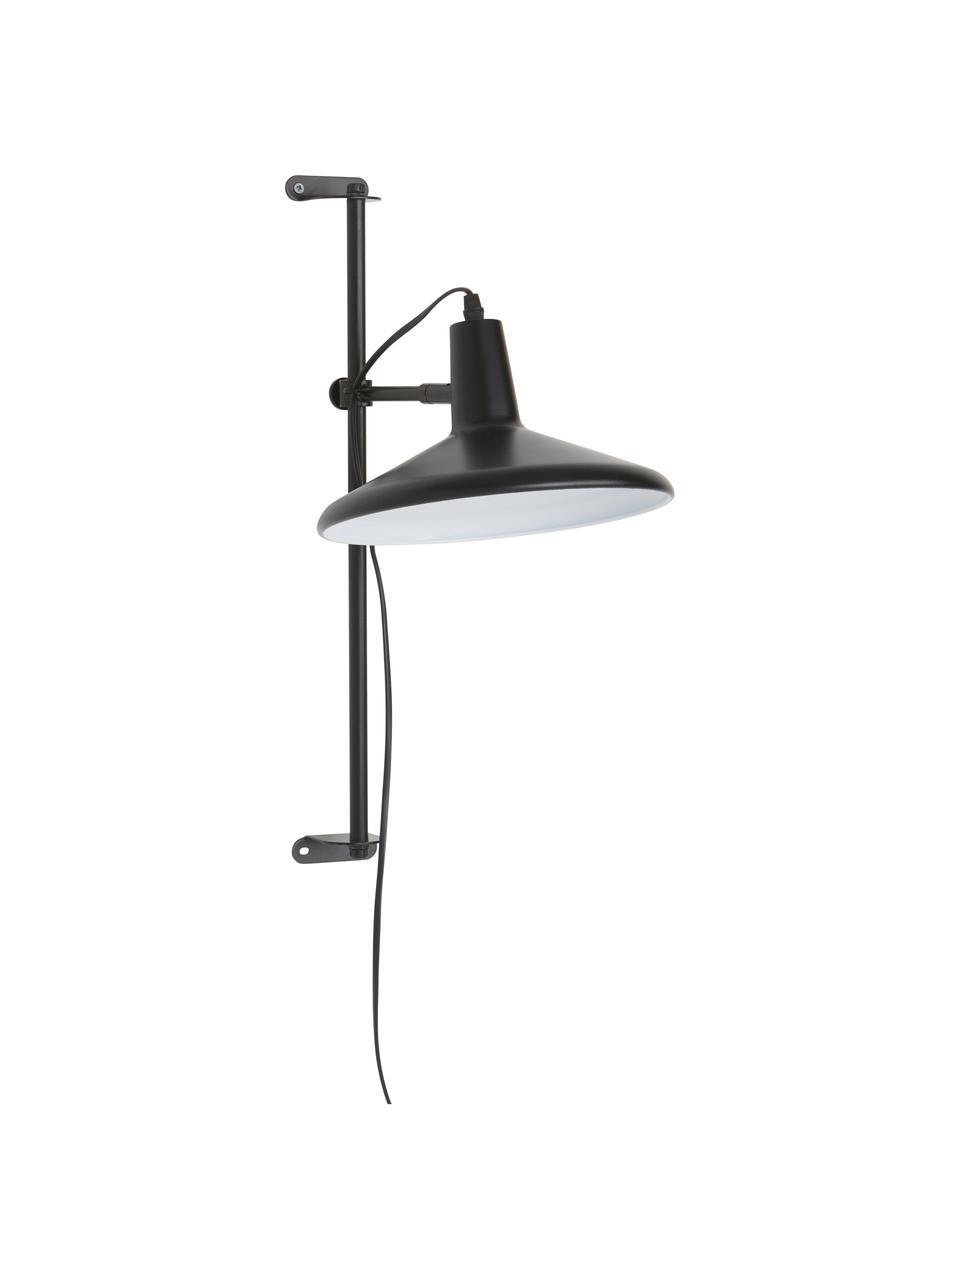 Applique grande regolabile in altezza con spina Twiss, Paralume: metallo verniciato, Struttura: metallo verniciato, Nero, Ø 25 x Alt. 50 cm